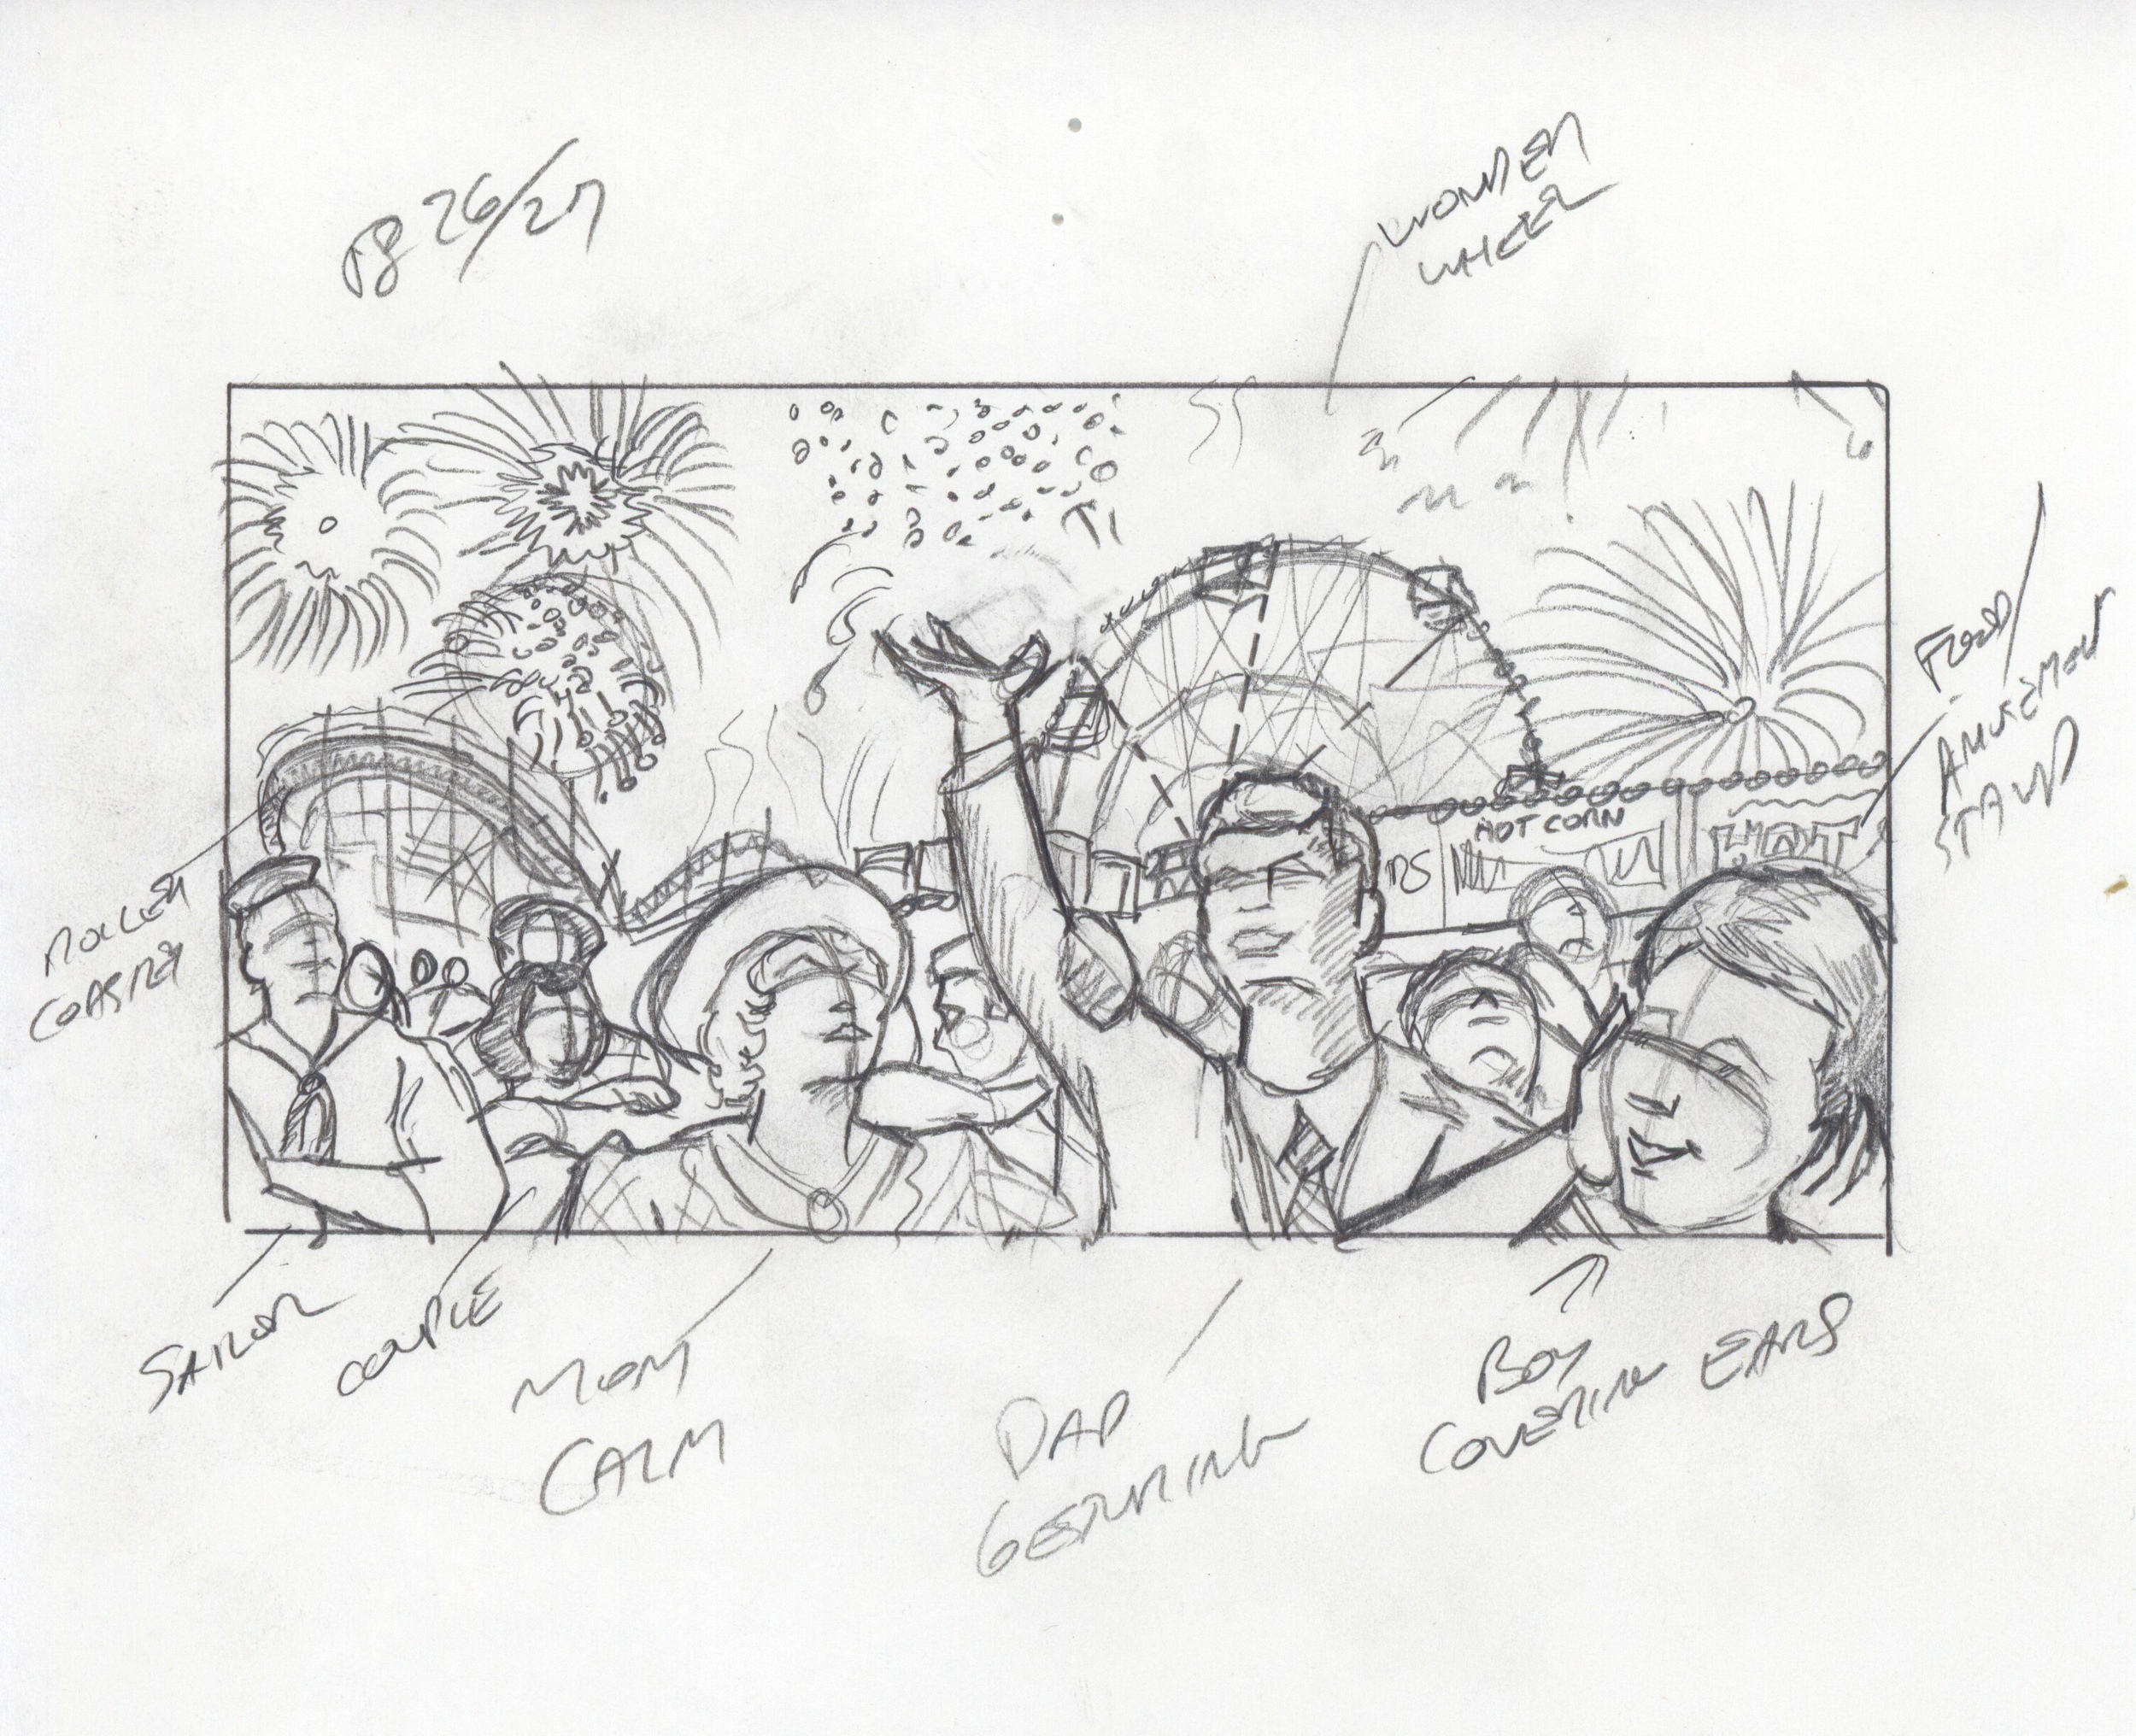 Fireworks - Sketch